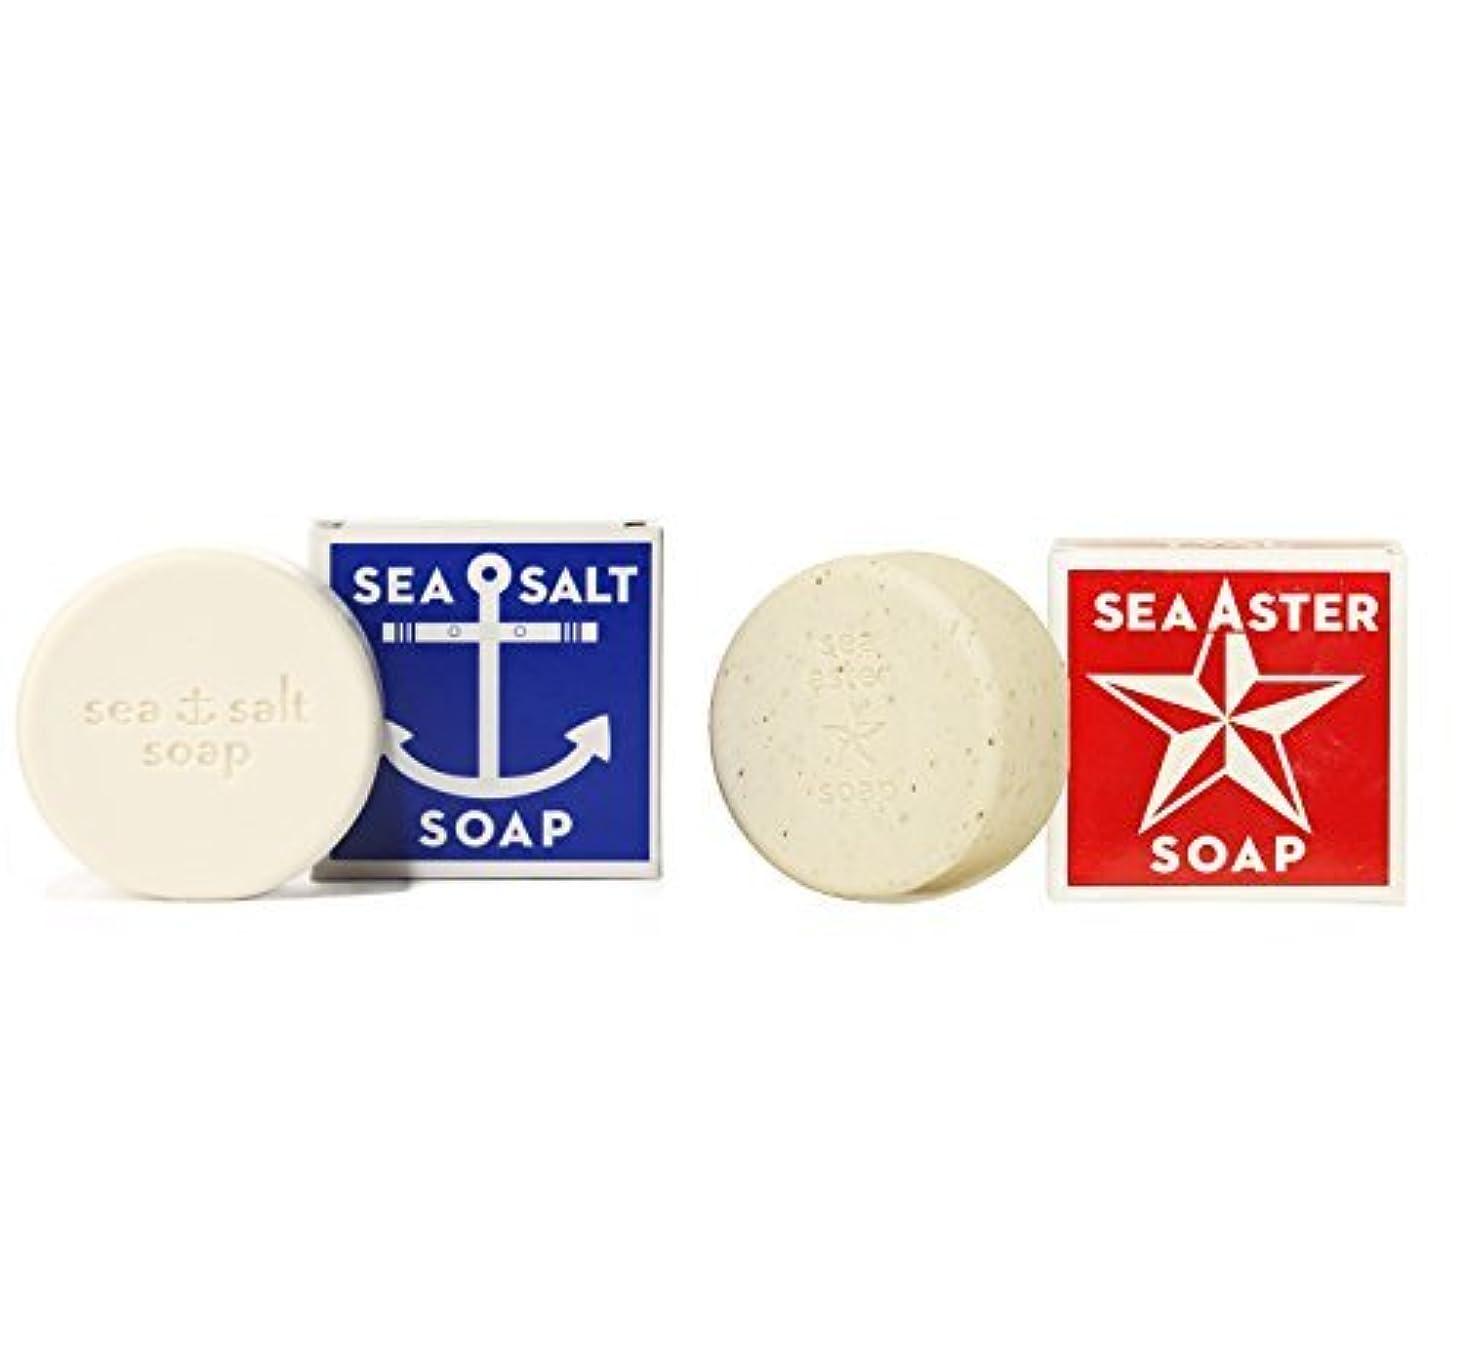 責任者受賞浪費Swedish Dream Sea Salt + Sea Aster Soap Bar by Kala by Swedish Dream [並行輸入品]